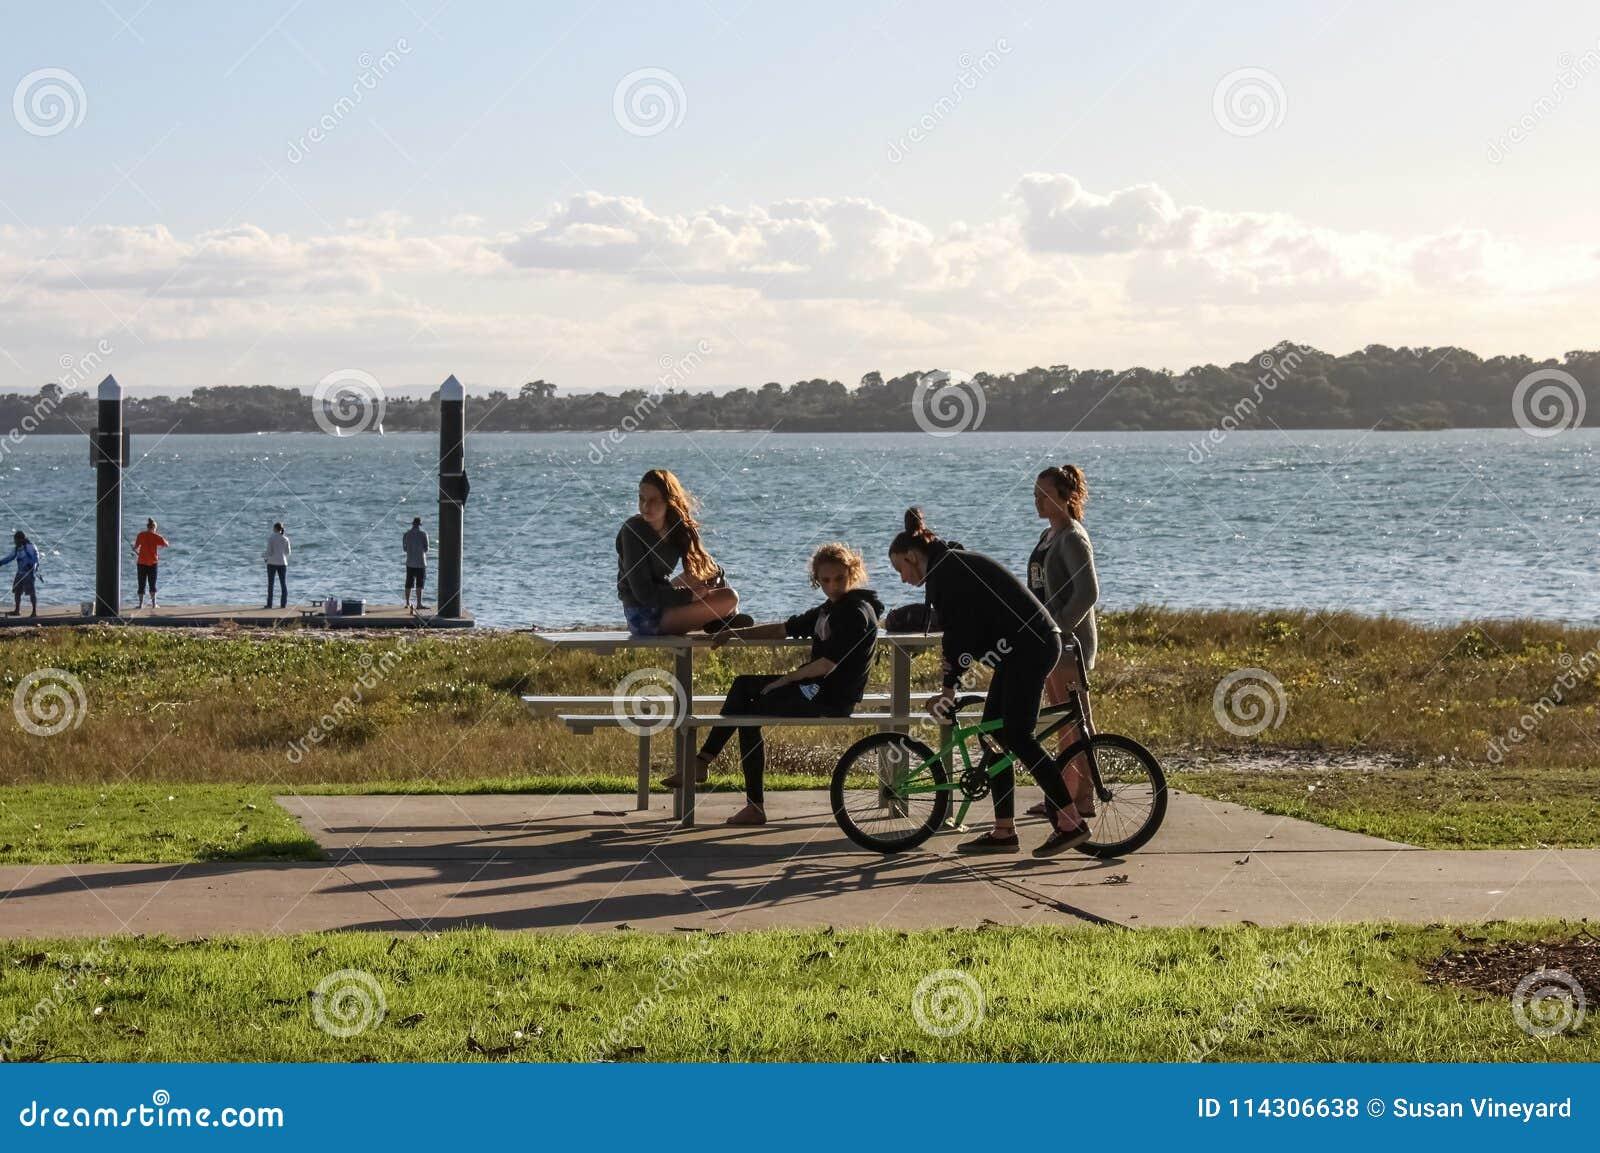 Τα κορίτσια Teenaged σε ένα πικ-νίκ παρουσιάζουν έξω από το νερό αργά ένα Σάββατο απόγευμα στο Redlands Queensland Αυστραλία στις